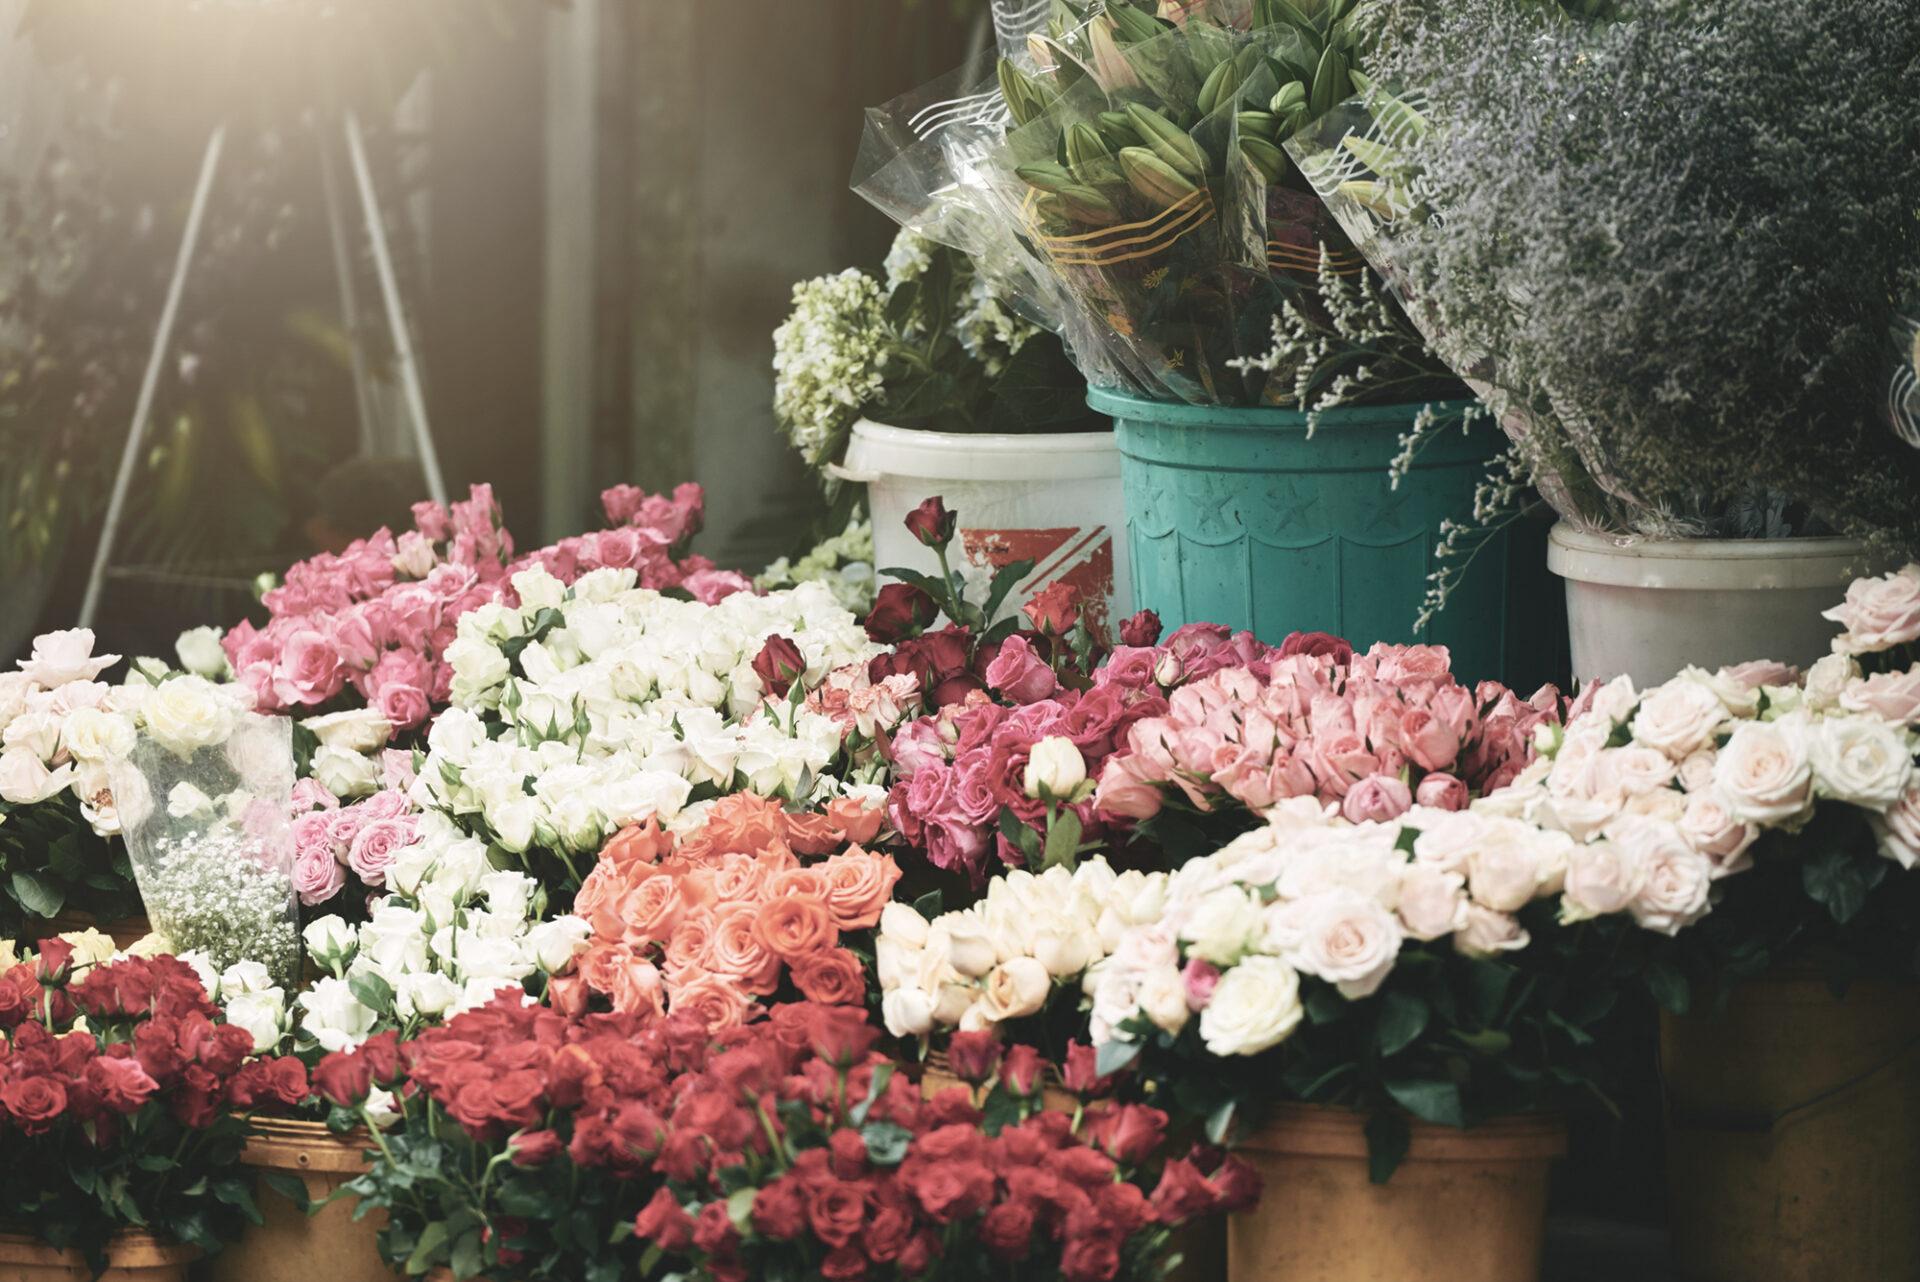 Bloemen Reynaert bloemenwinkel bloemenwinkel Oudenaarde snijbloemen